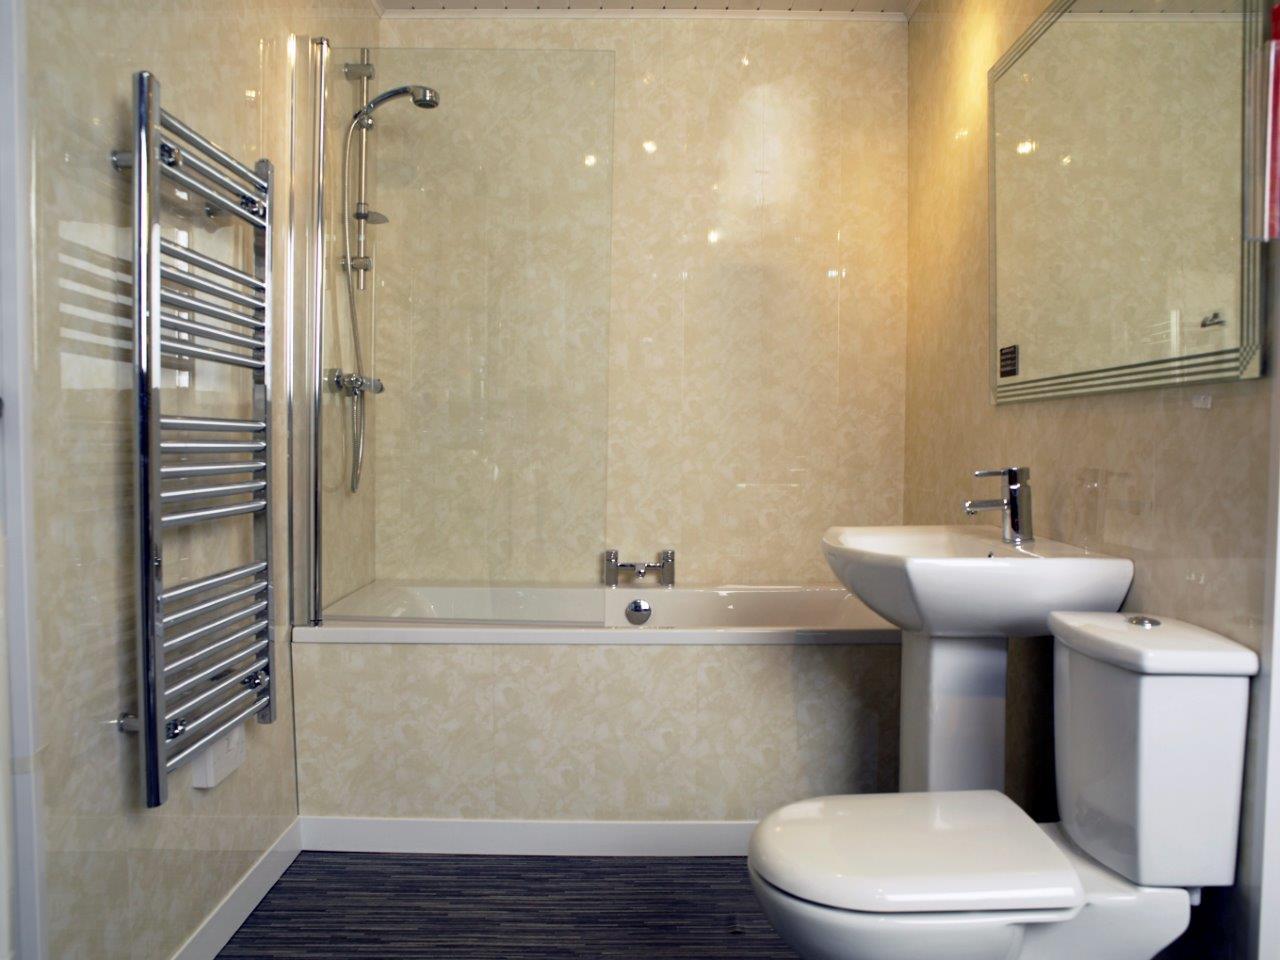 Ремонт туалета панелями пластиковыми